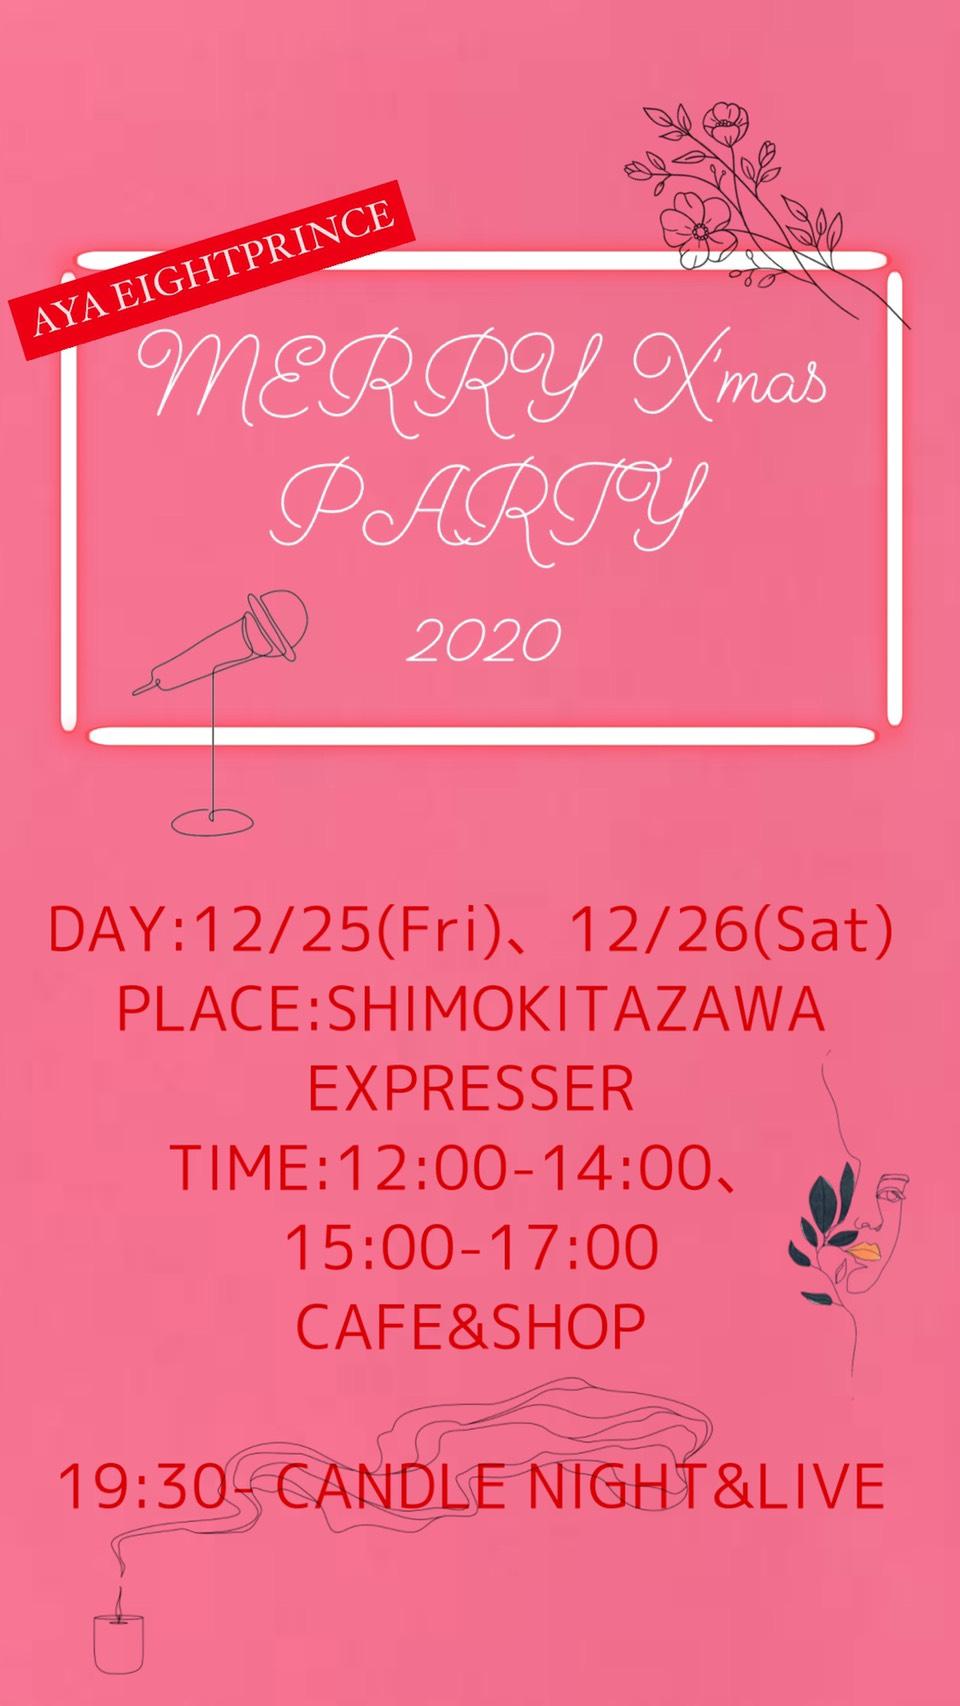 アヤ・エイトプリンス「MERRY X'mas PARTY 2020」【CANDLE NIGHT SPECIAL LIVE】DAY2